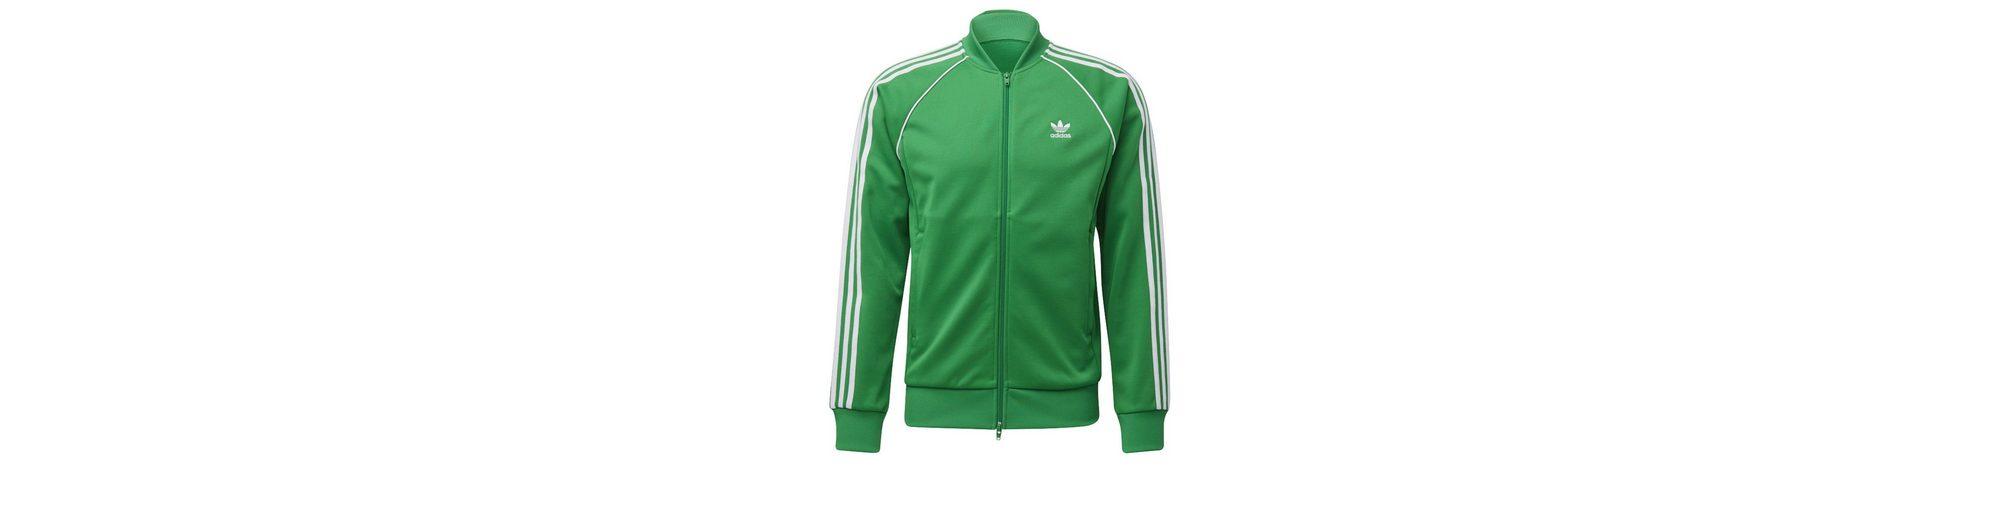 adidas Originals Sweatjacke SST Originals Jacke Rabatt Billig Mit Paypal Verkauf Online Günstig Kaufen Nicekicks RcBRC